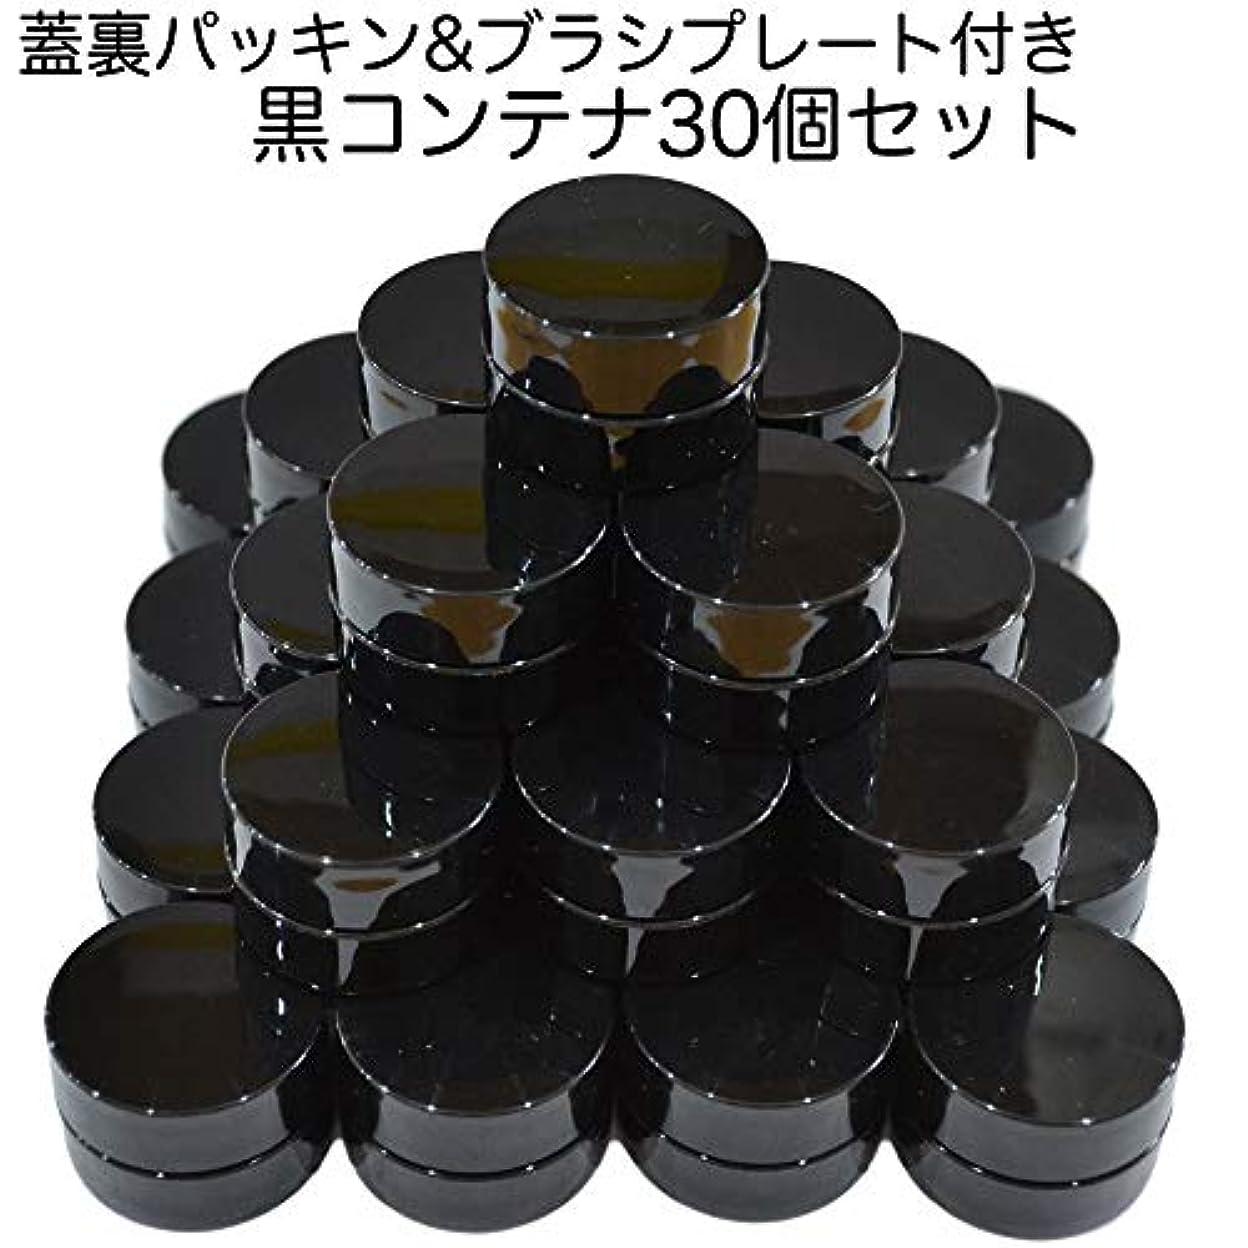 リフトキリスト恵み30個セット/純国産ネイルジェルコンテナ 3g用 GA3g 漏れ防止パッキン&ブラシプレート付容器 ジェルを無駄なく使える底面傾斜あり 遮光 黒 ブラック